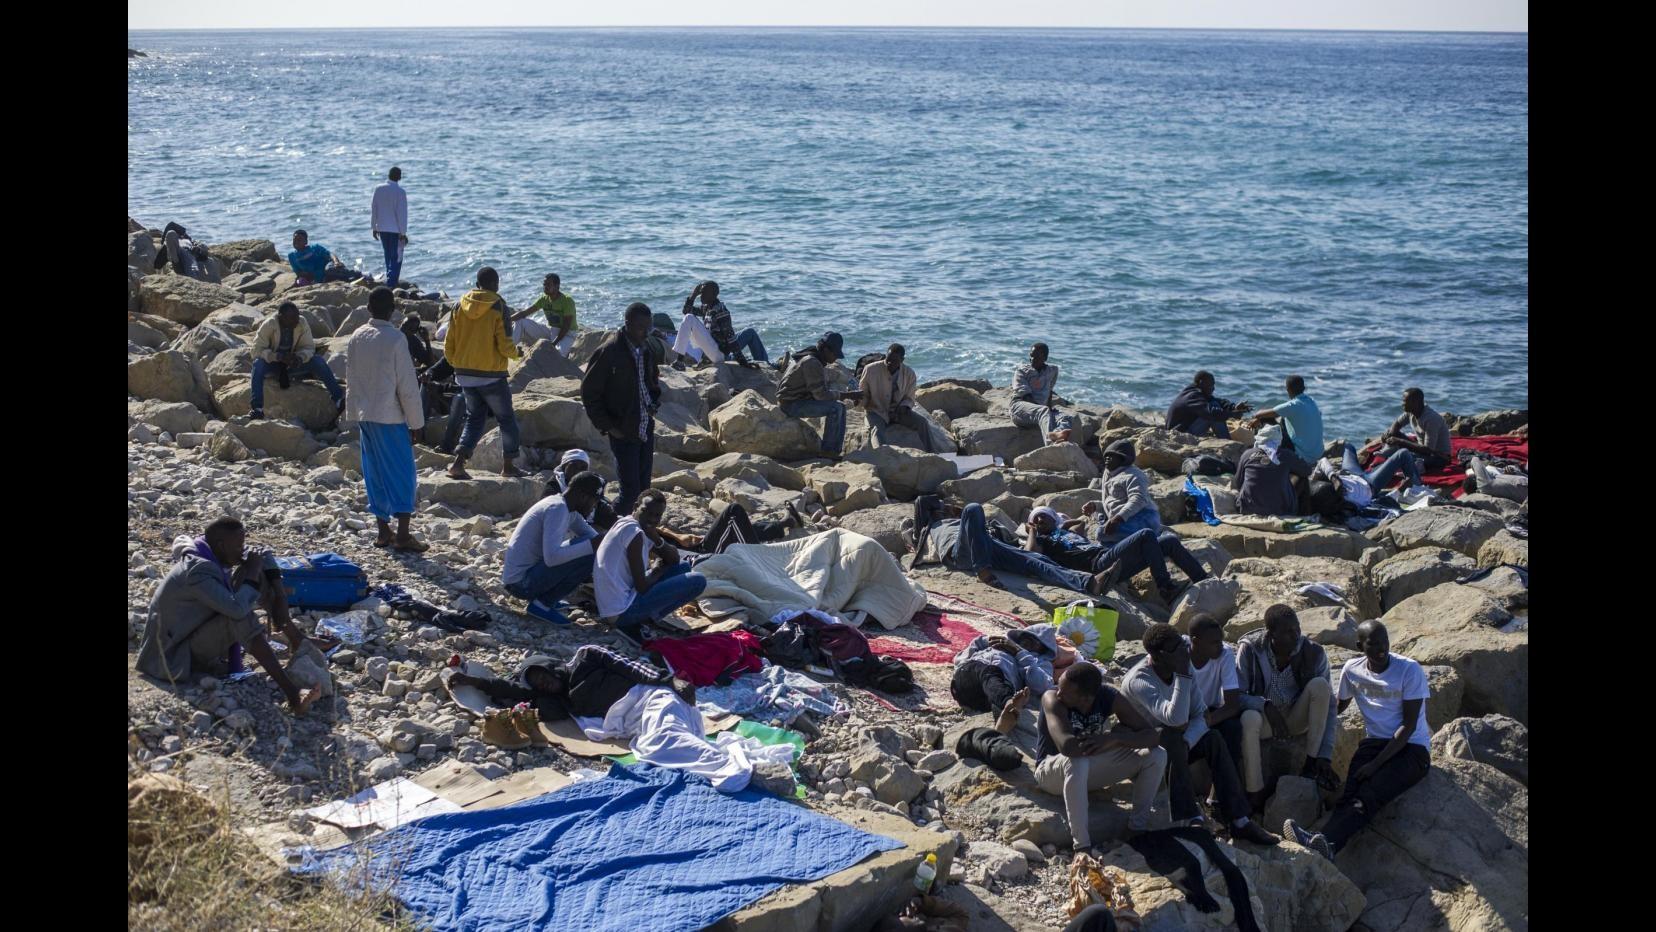 Immigrazione, Di Battista (M5S): La rabbia non è solo fascista